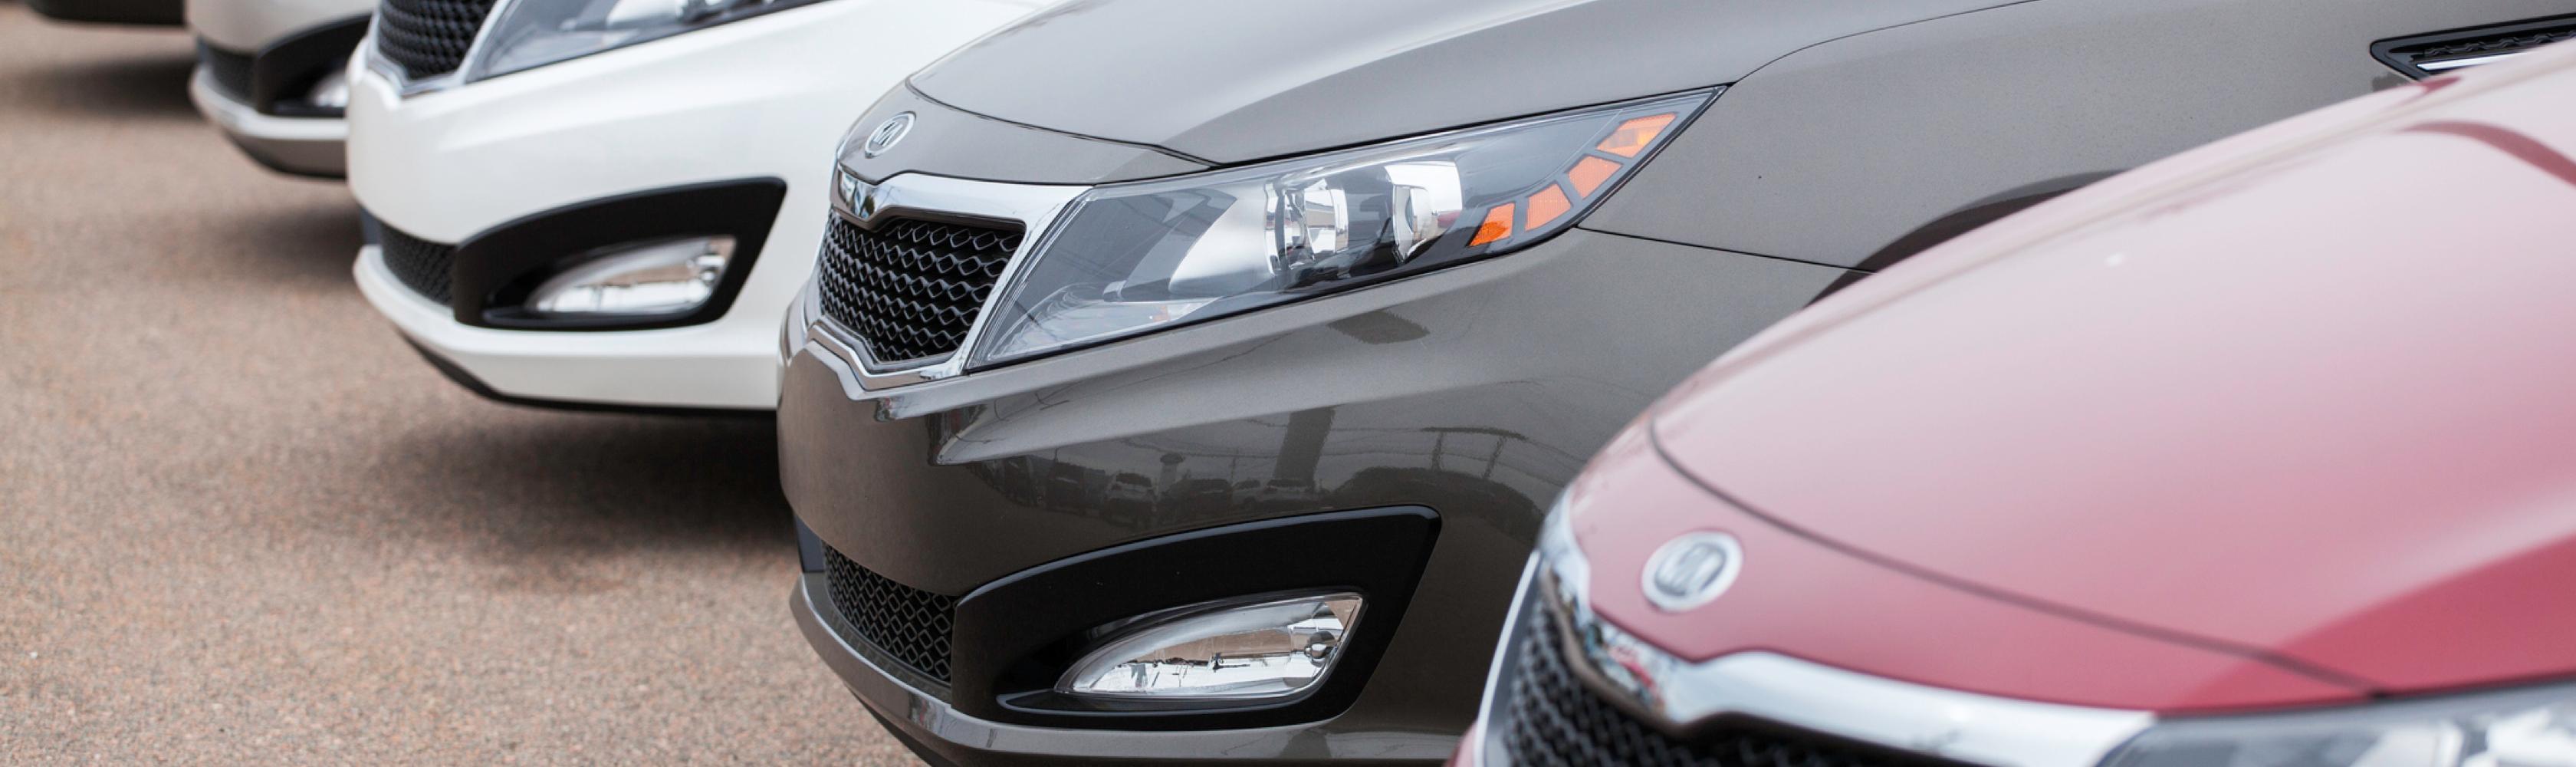 KIA bedrijfswagens voor zzp'ers lease je via Hello cars